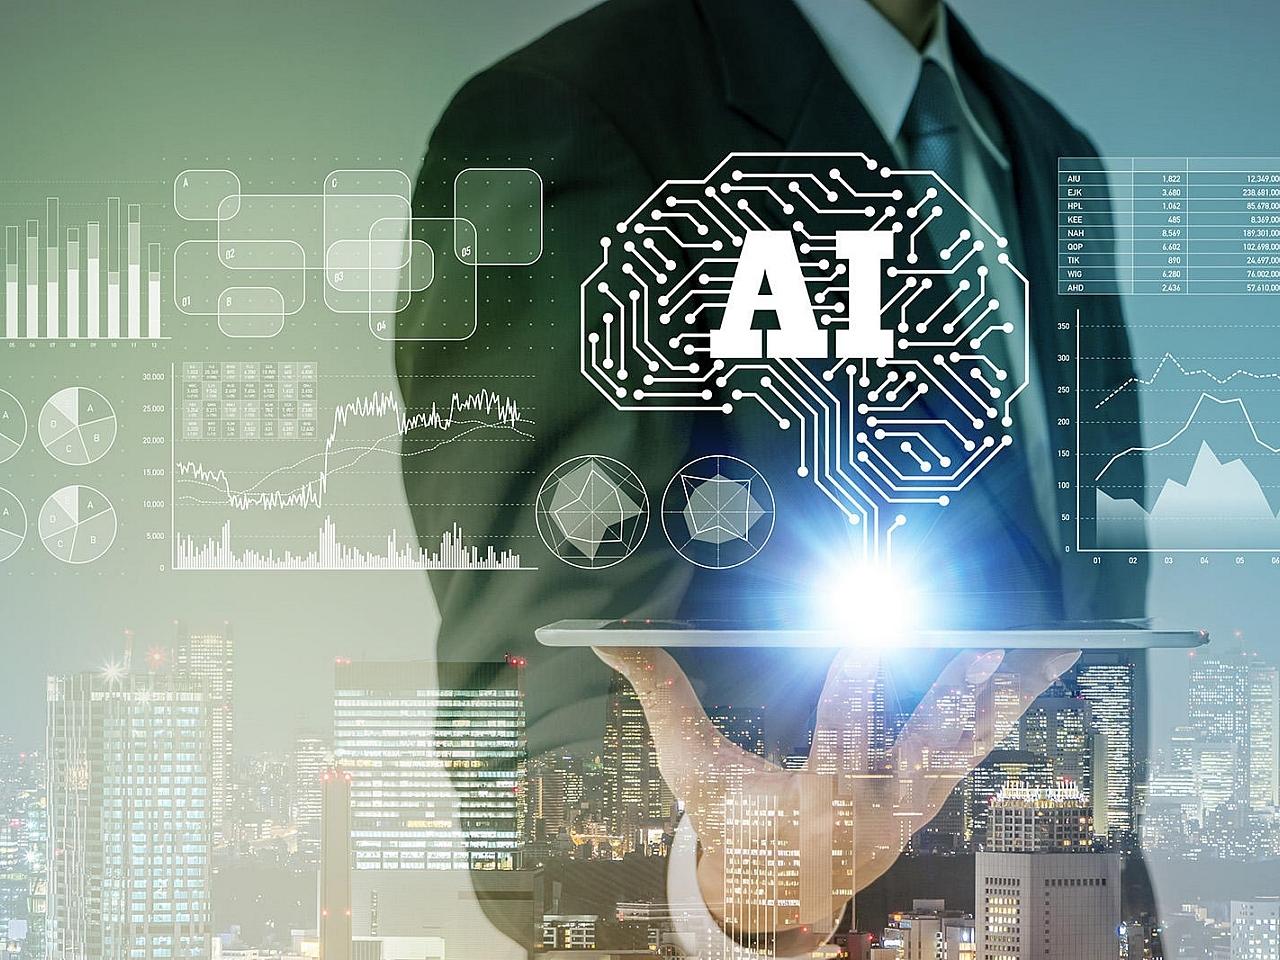 データサイエンティストがAI活用を事前診断--富士通クラウドテクノロジーズが新サービス